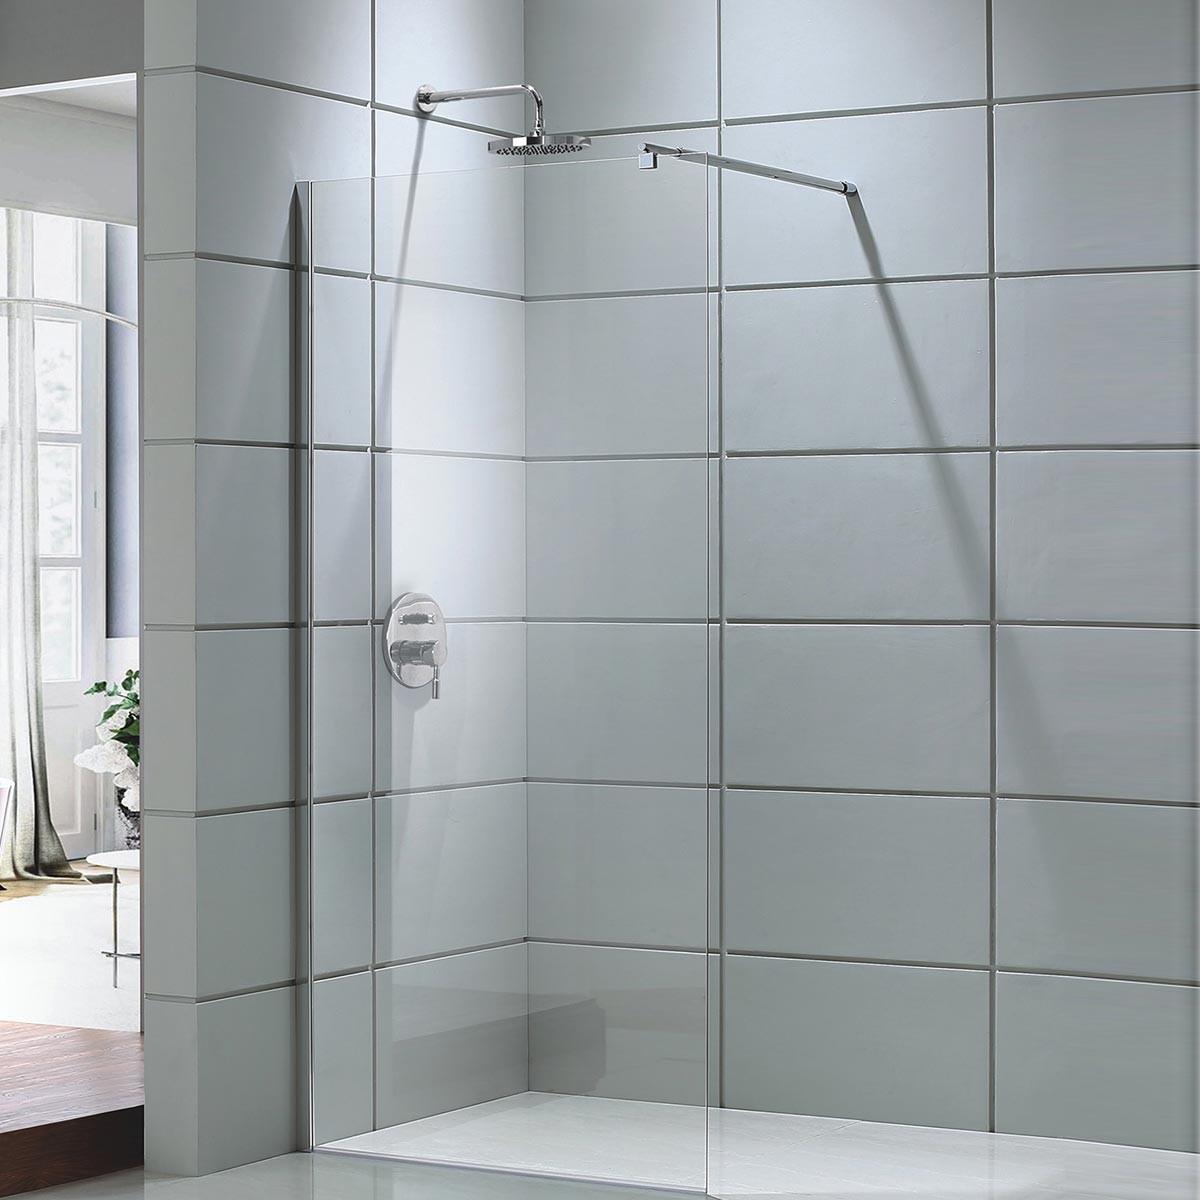 47 x 75 In. Walk-in Shower Door (DK-D201-120b)